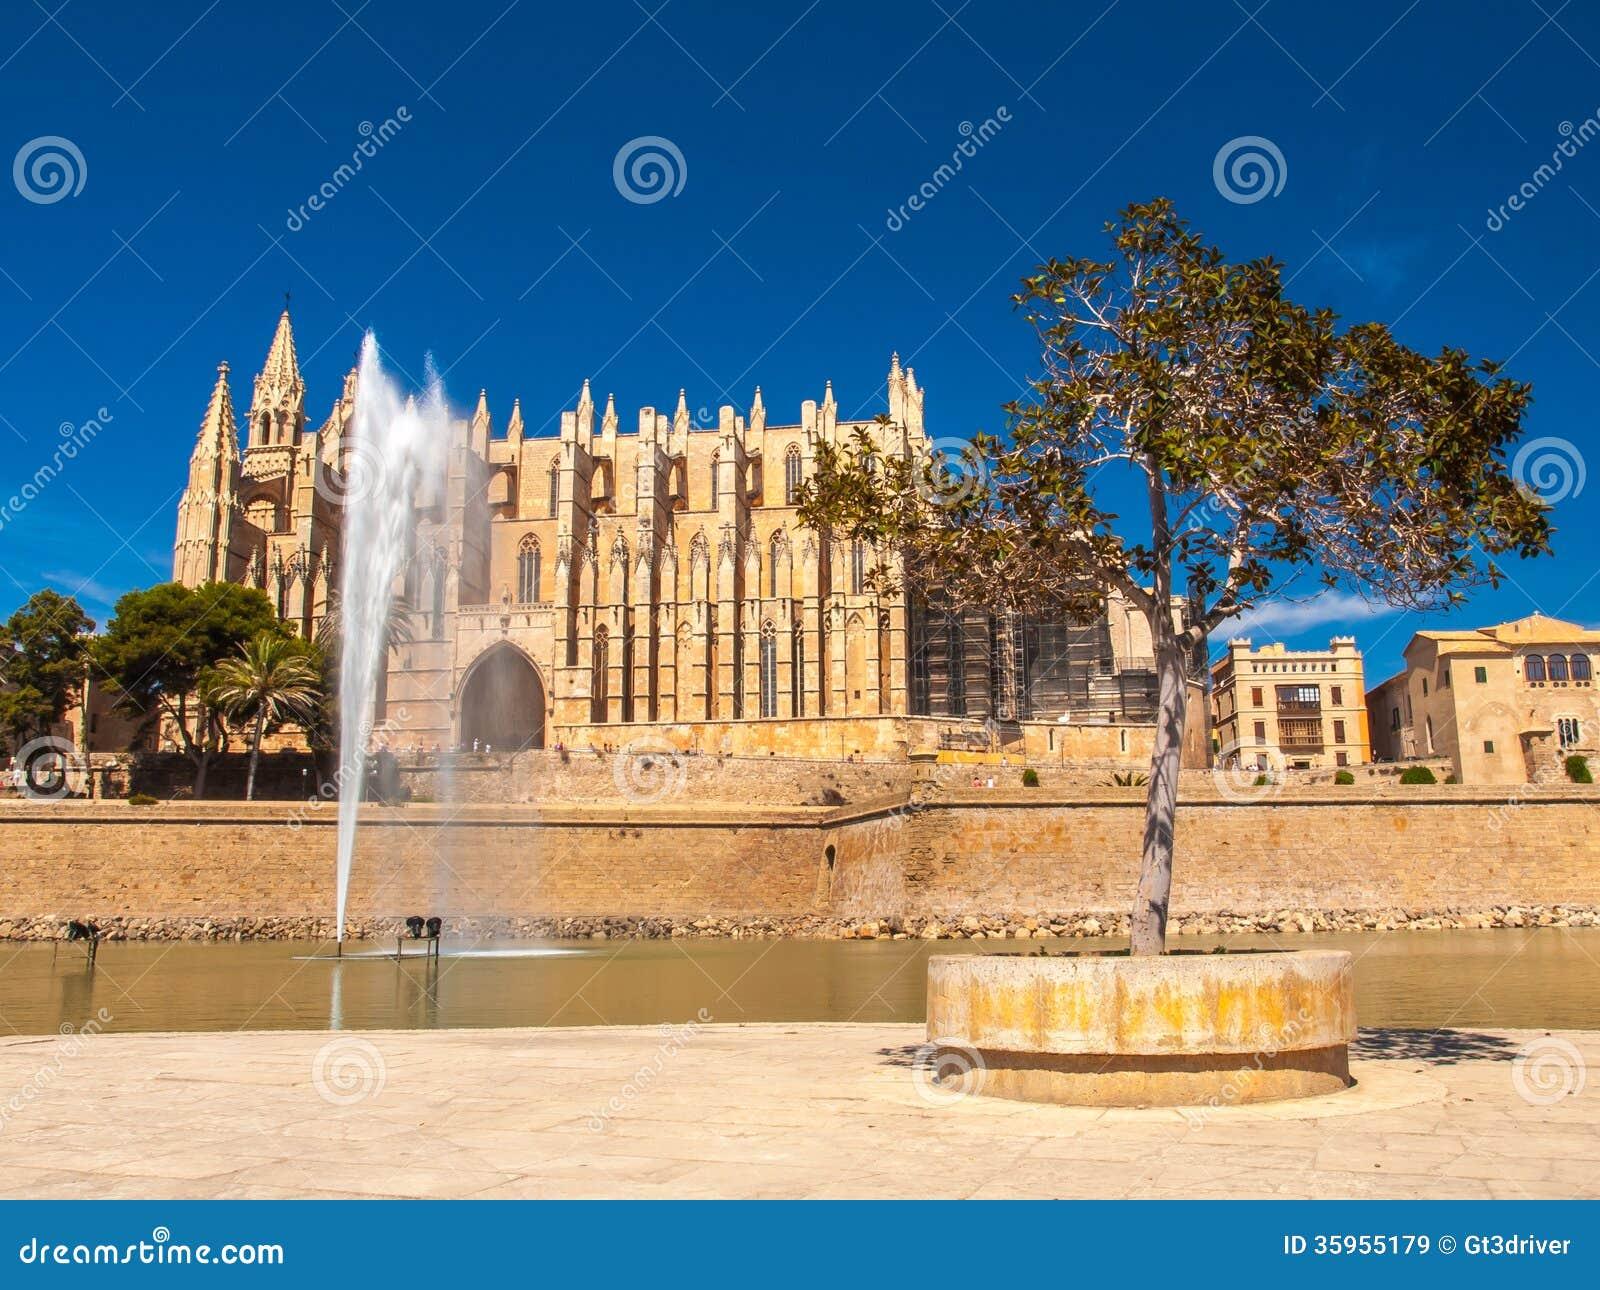 La Seu Cathedral, Palma de Mallorca